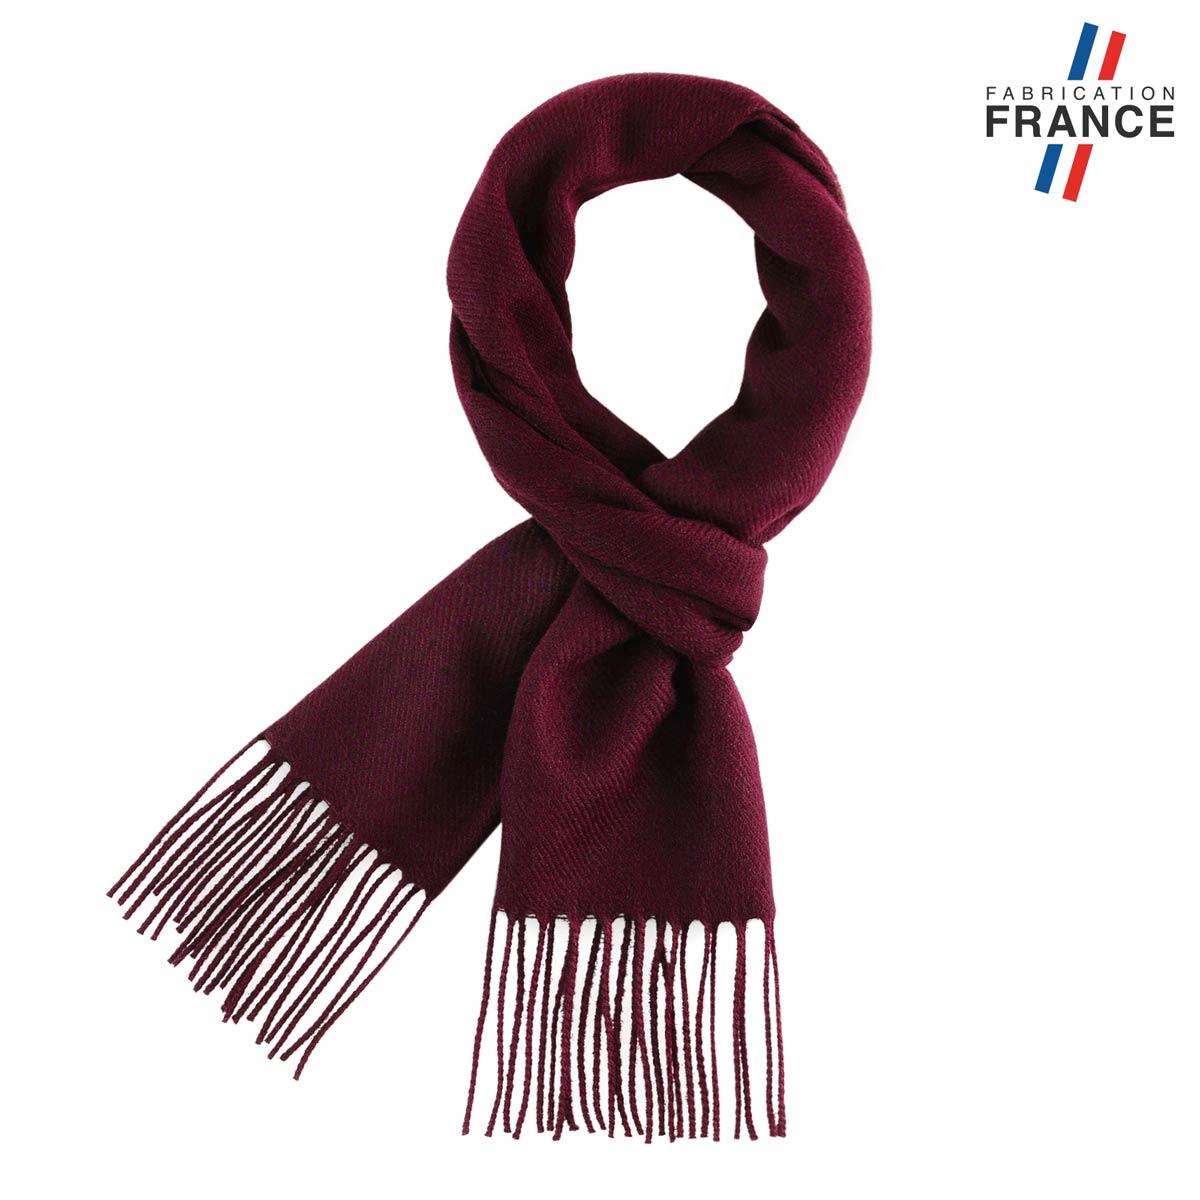 AT-05117_F12-1FR_Echarpe-bordeaux-franges-fabrication-france